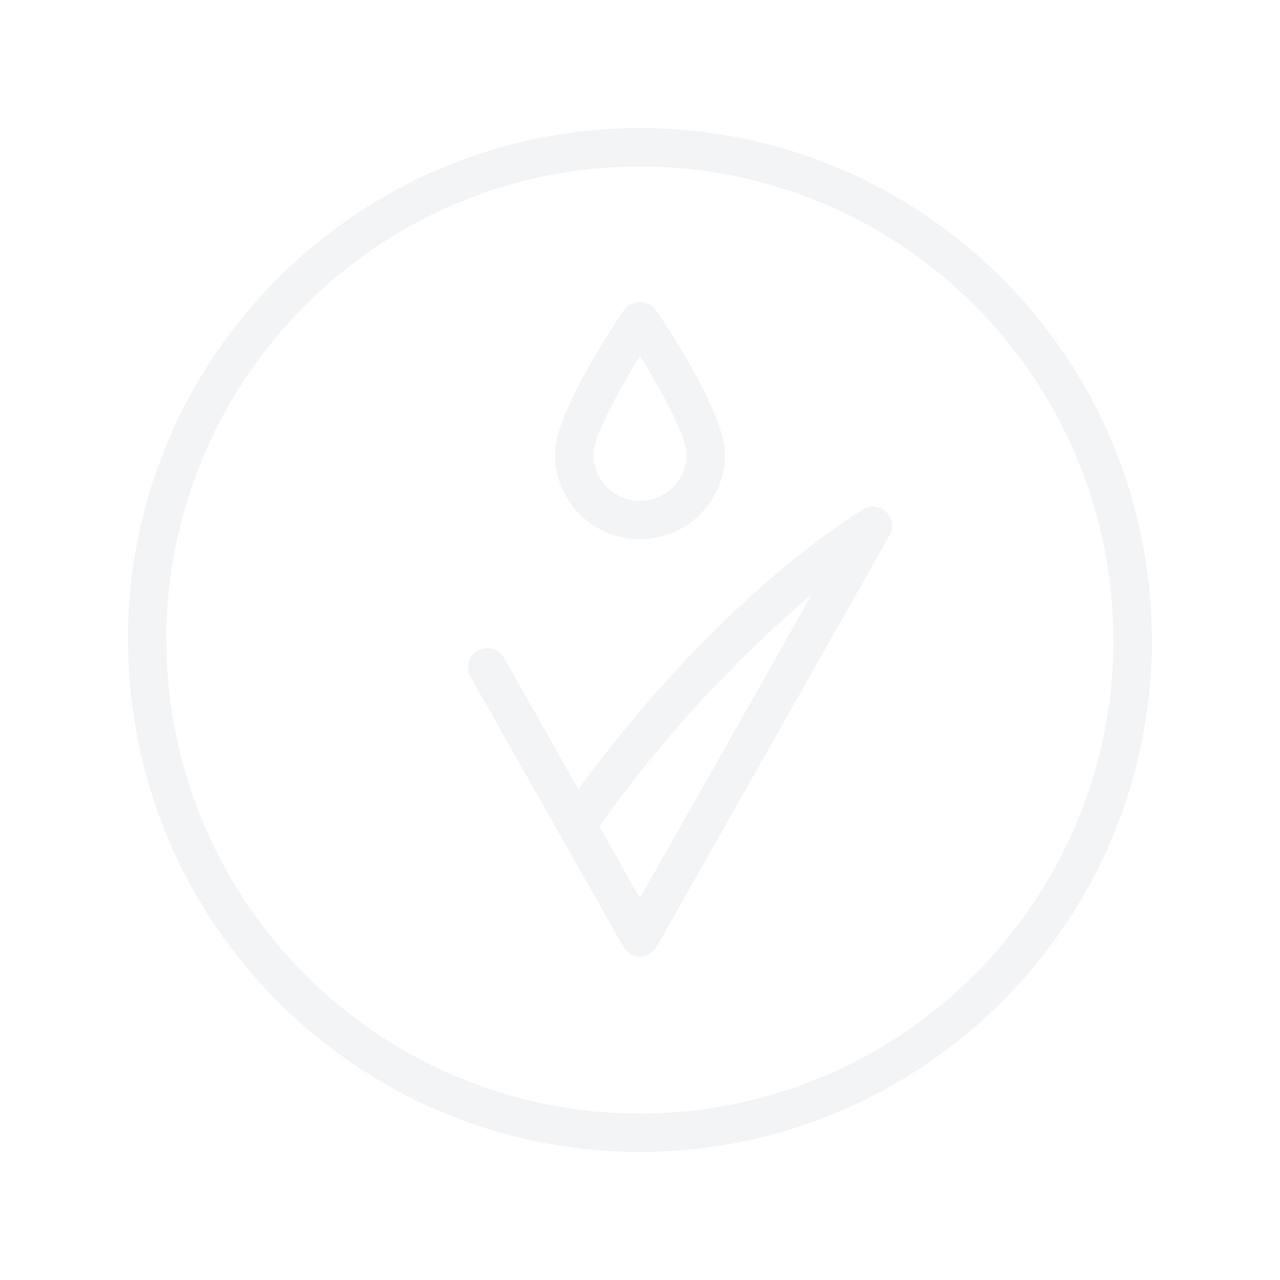 MISSHA Real Solution Tencel Wrinkle Caring Sheet Mask 25g